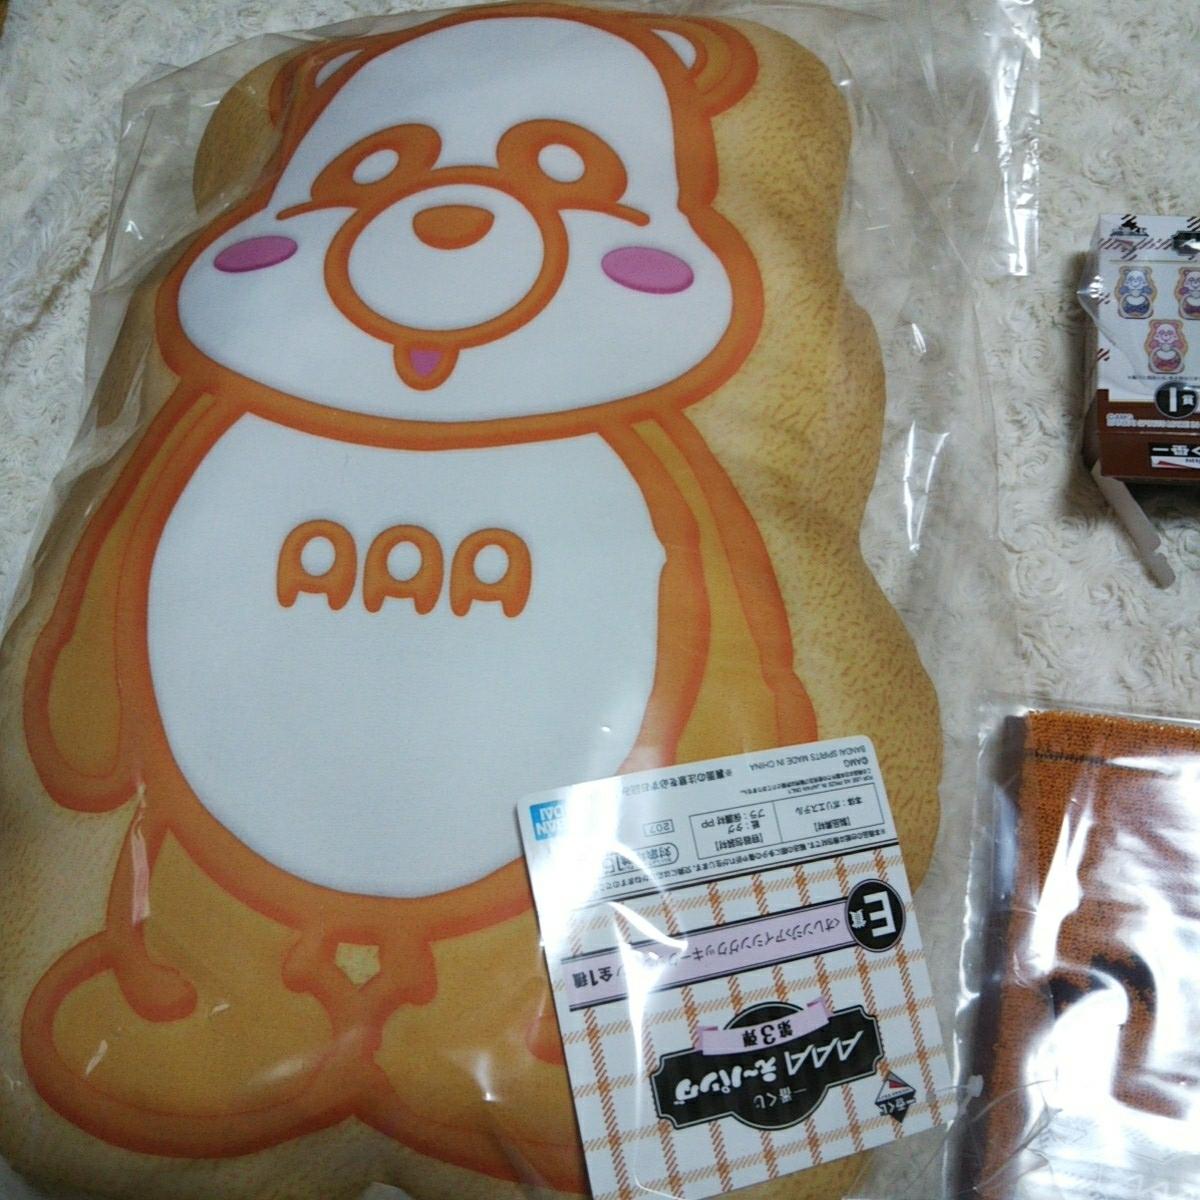 【送料無料】一番くじ AAAえ~パンダ 第3弾 オレンジ4点セットおまけ2点付き_画像2